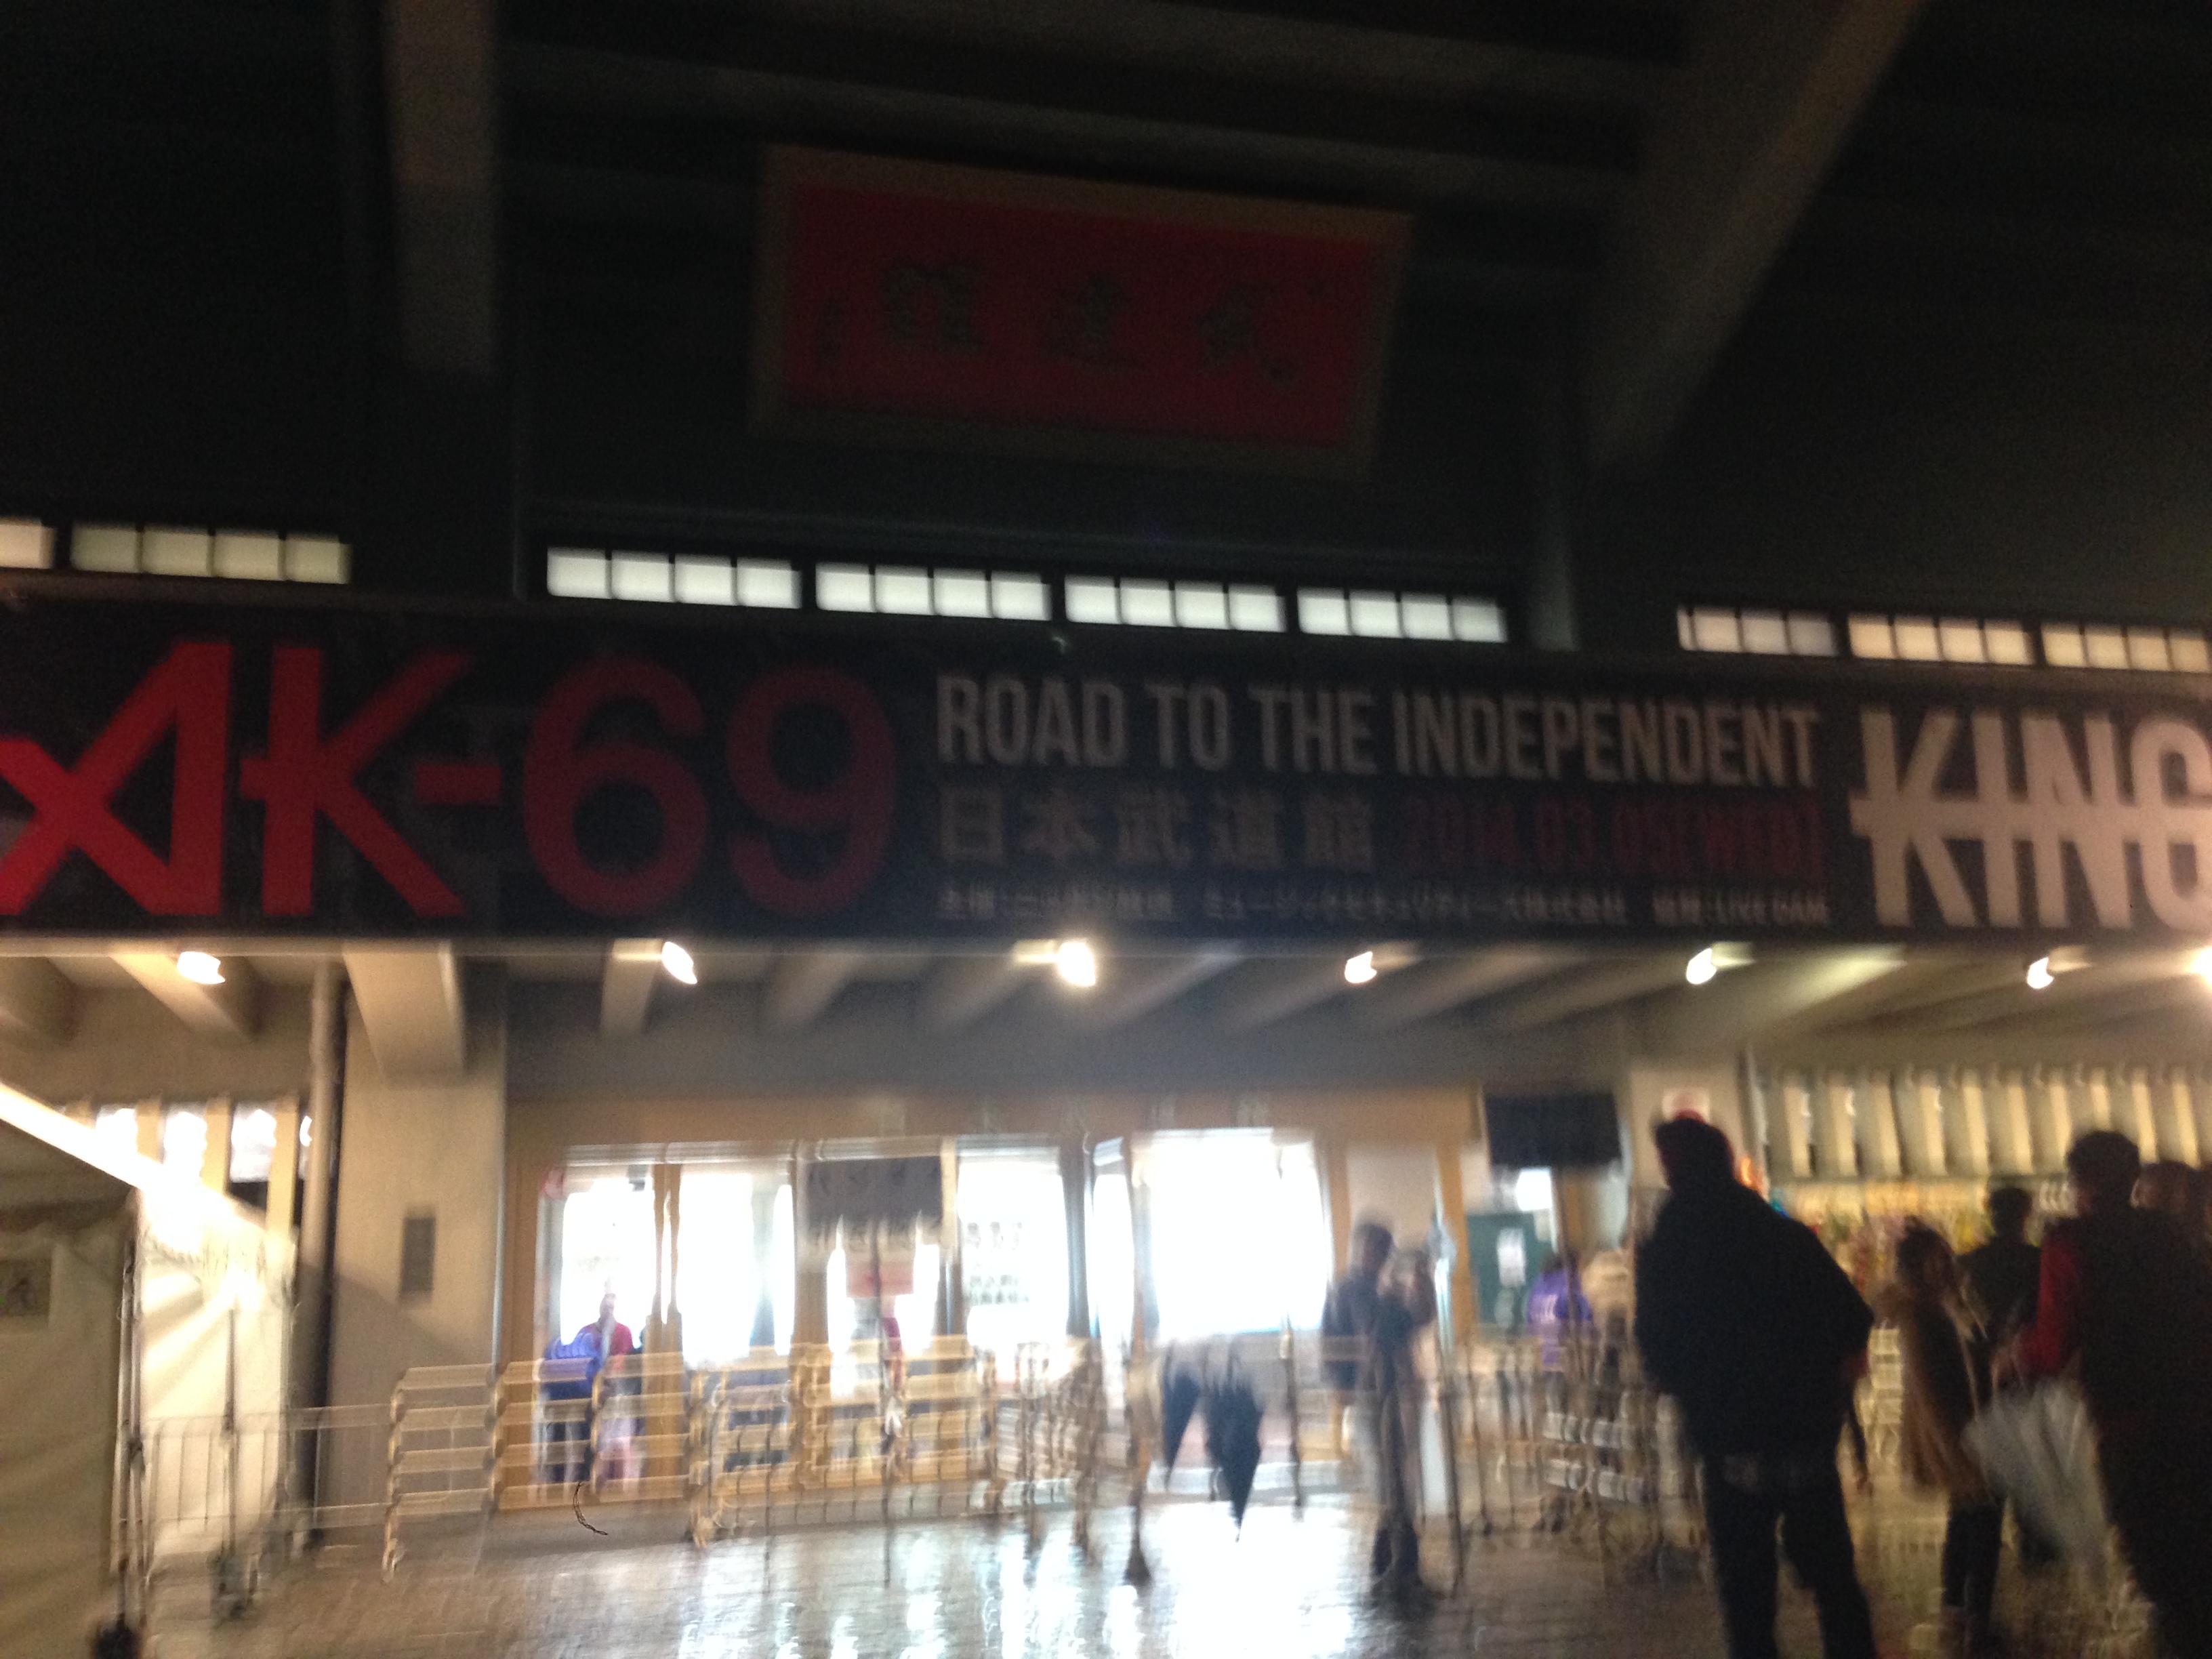 日本が誇るヒップホップアーティストの武道館ライブでの名言【AK-69】